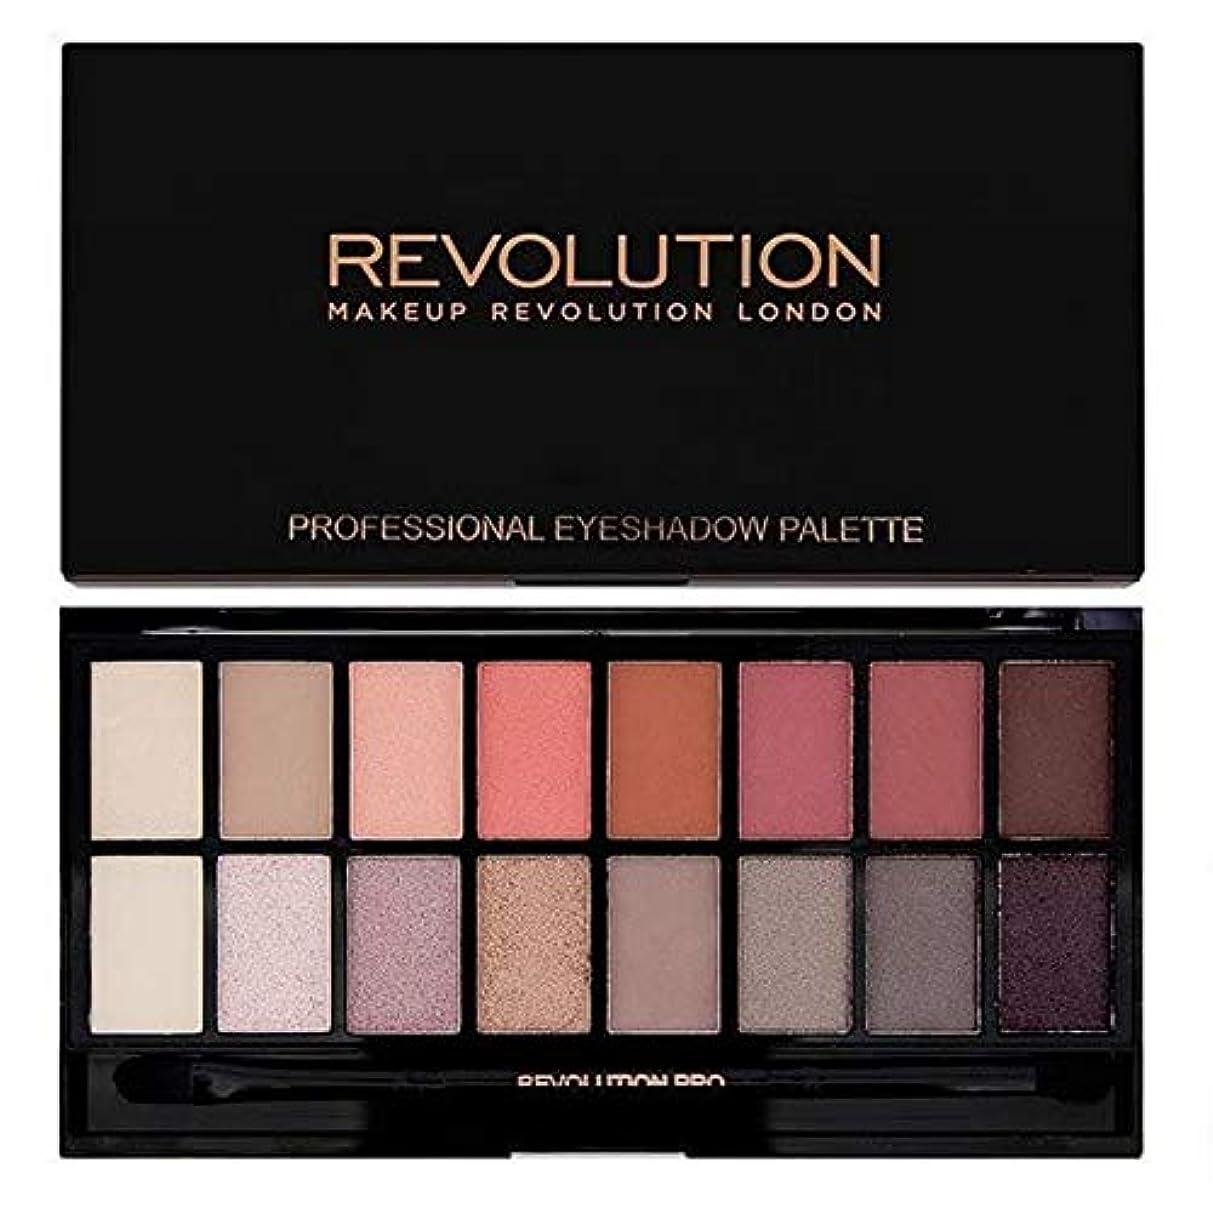 よろしく任意カテゴリー[Revolution ] 中性アイシャドウパレット対革命新Trals - Revolution New-trals vs Neutrals Eye Shadow Palette [並行輸入品]